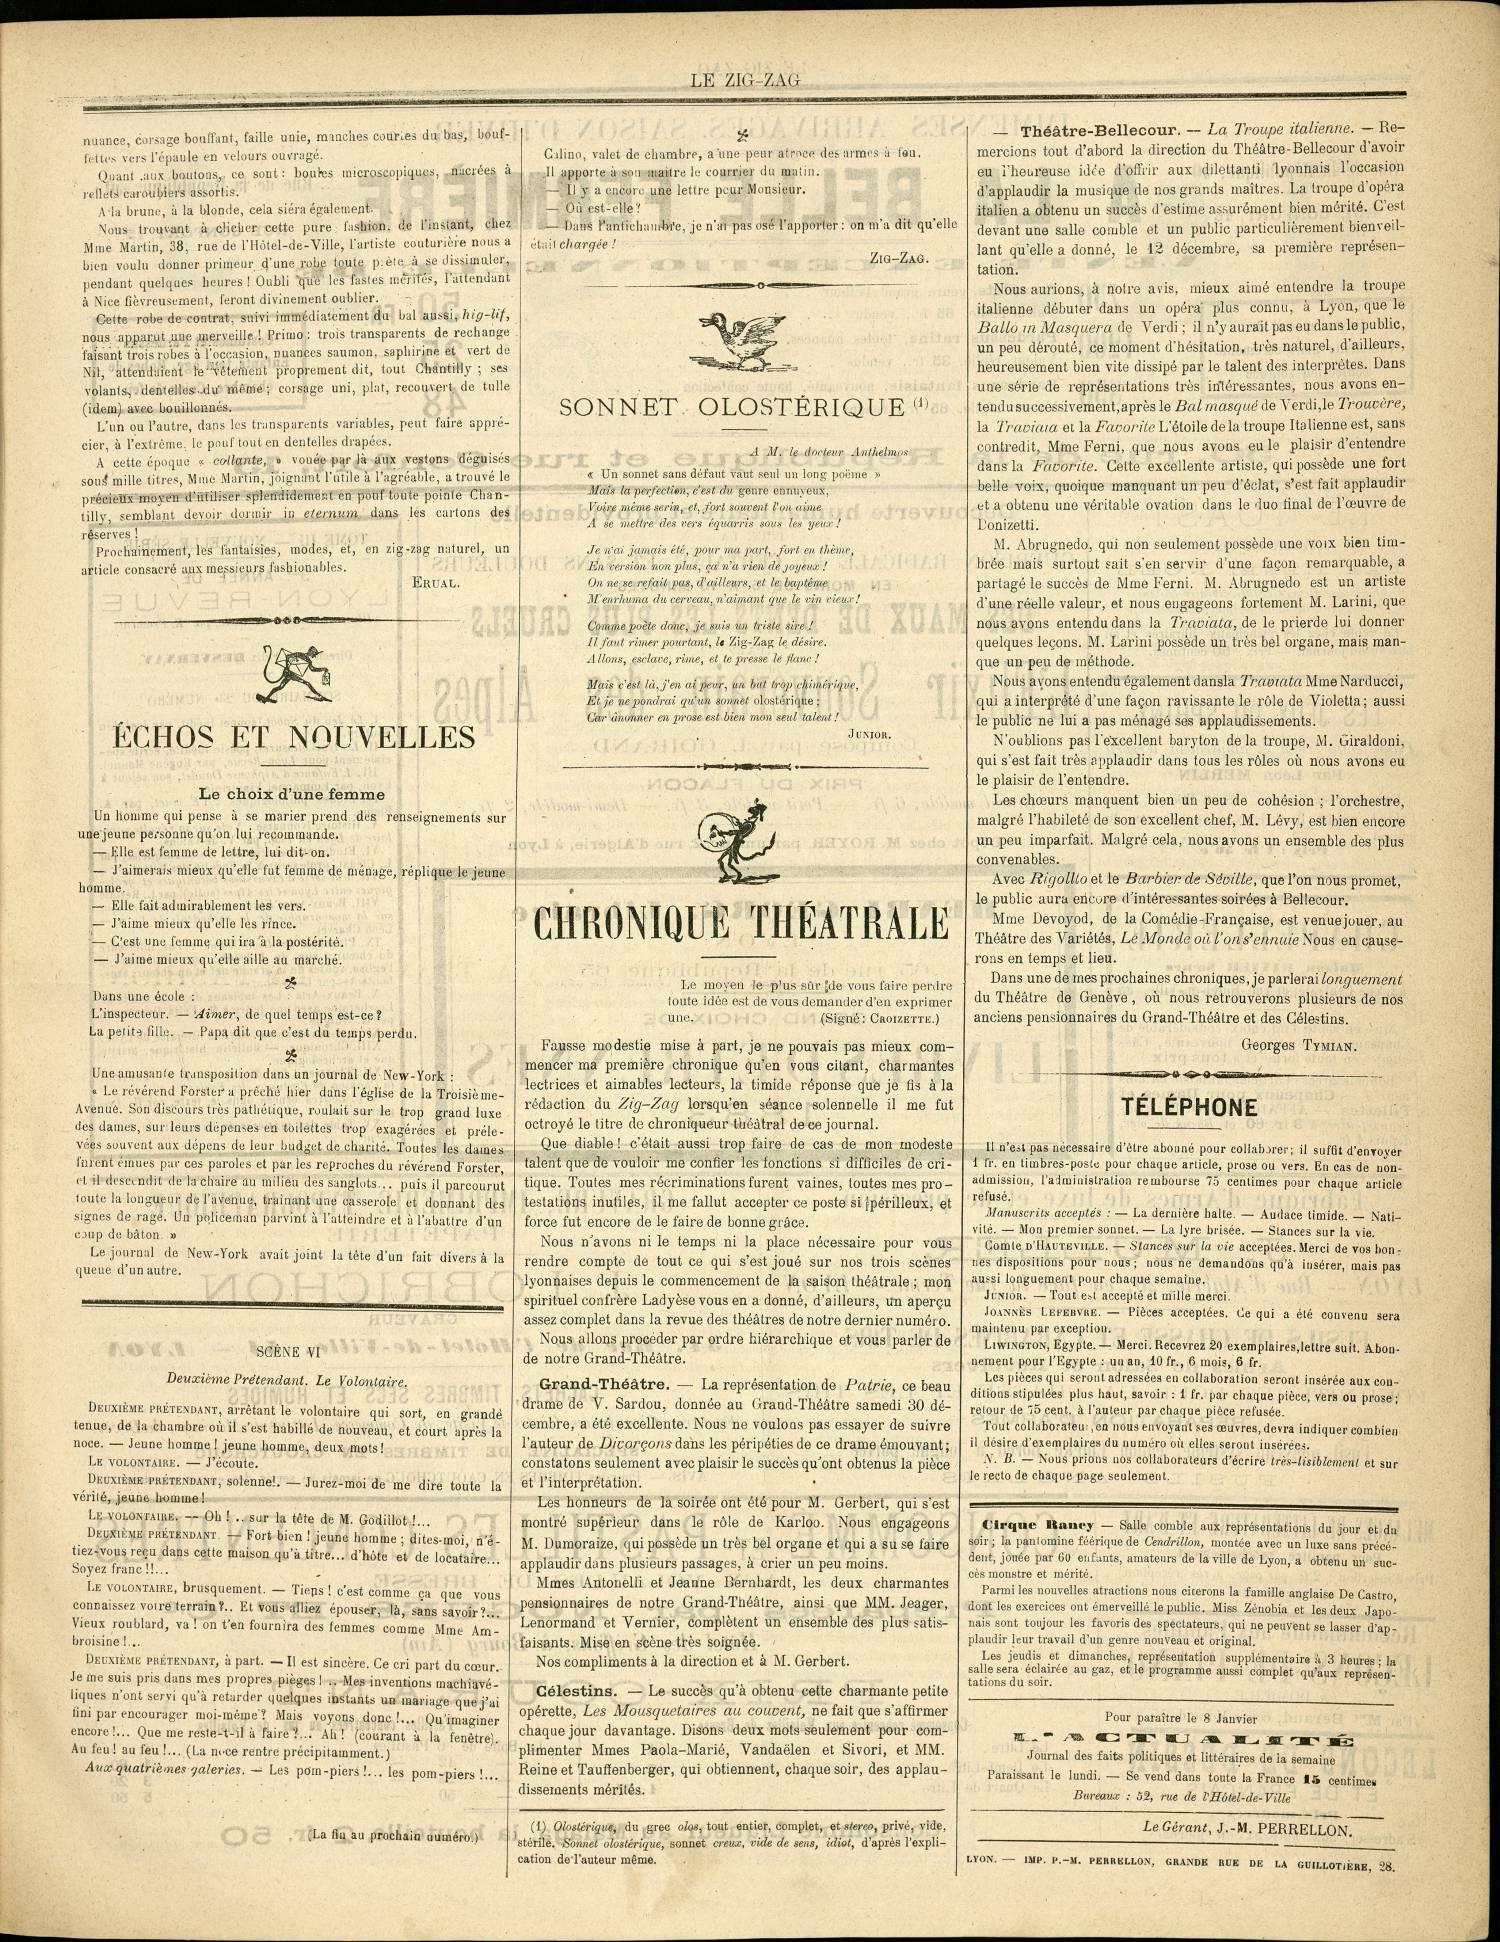 Contenu textuel de l'image :  ECHOS ET NOUVELLES